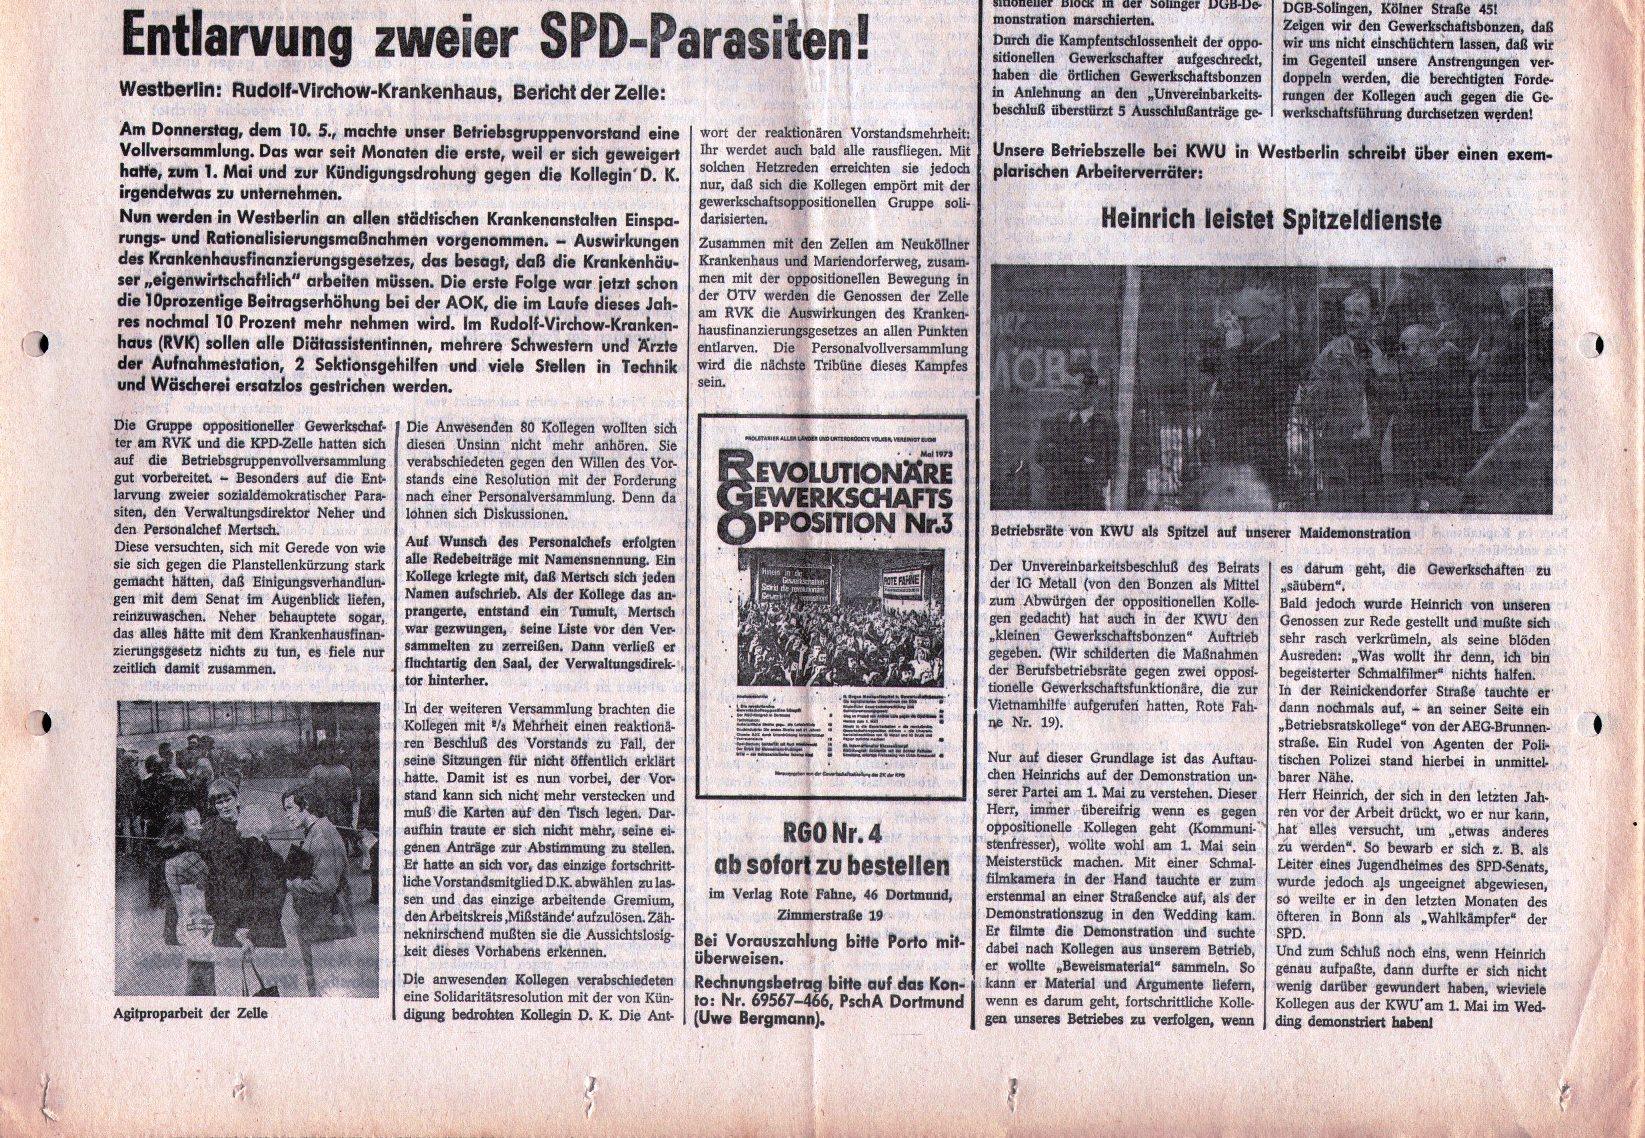 KPD_Rote_Fahne_1973_22_08